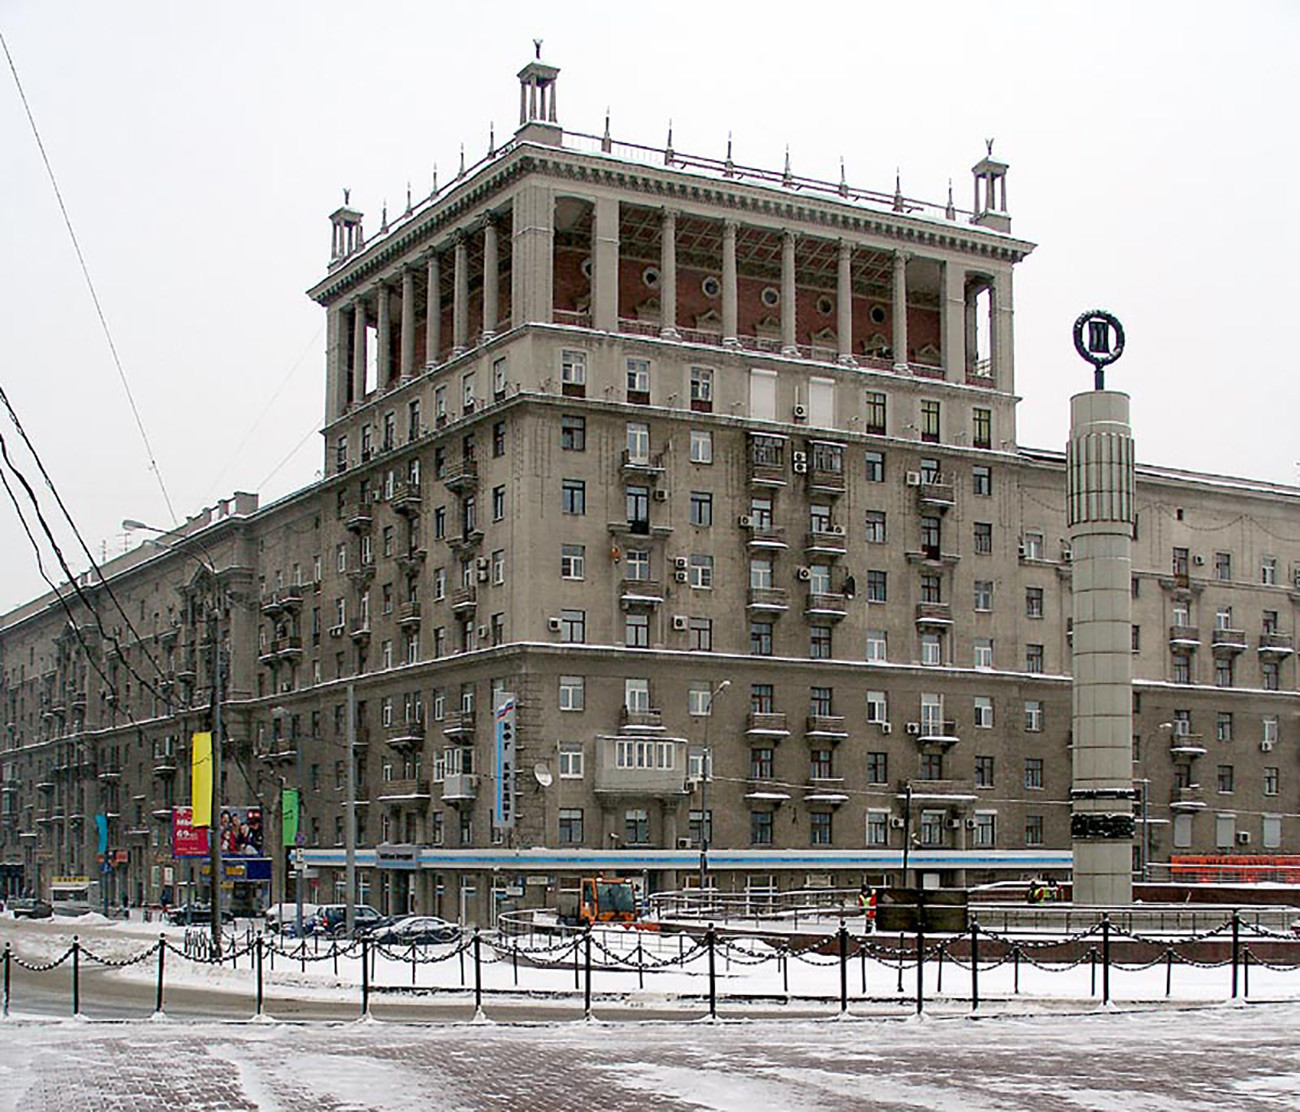 Das Wohnhaus am Kutusow-Prospekt 35 in Moskau wurde von 1938 bis 1941 errichet.